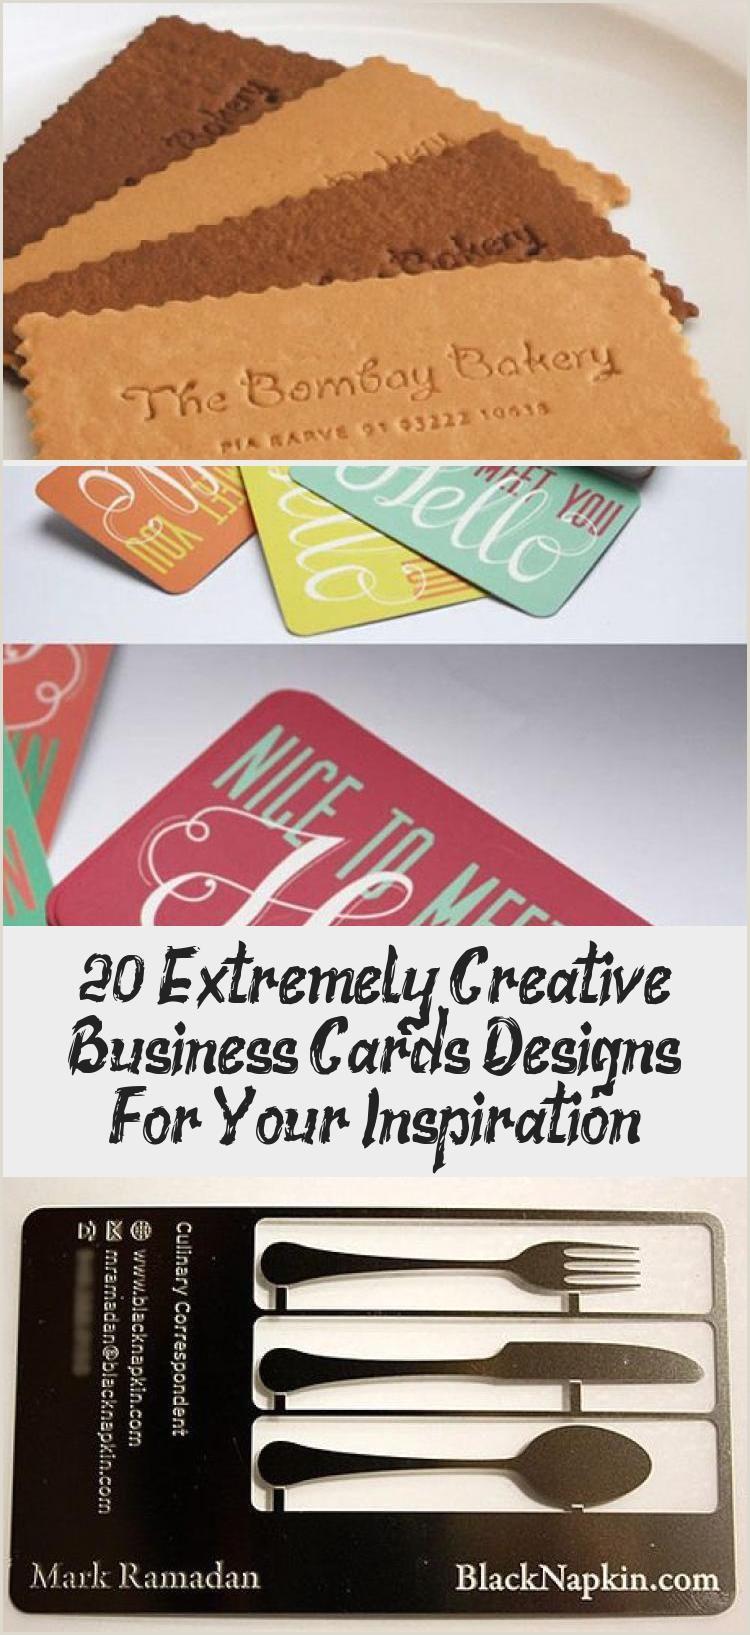 Laser Cut Business Cards Online Pin On Design De Neg³cios E Publicidade